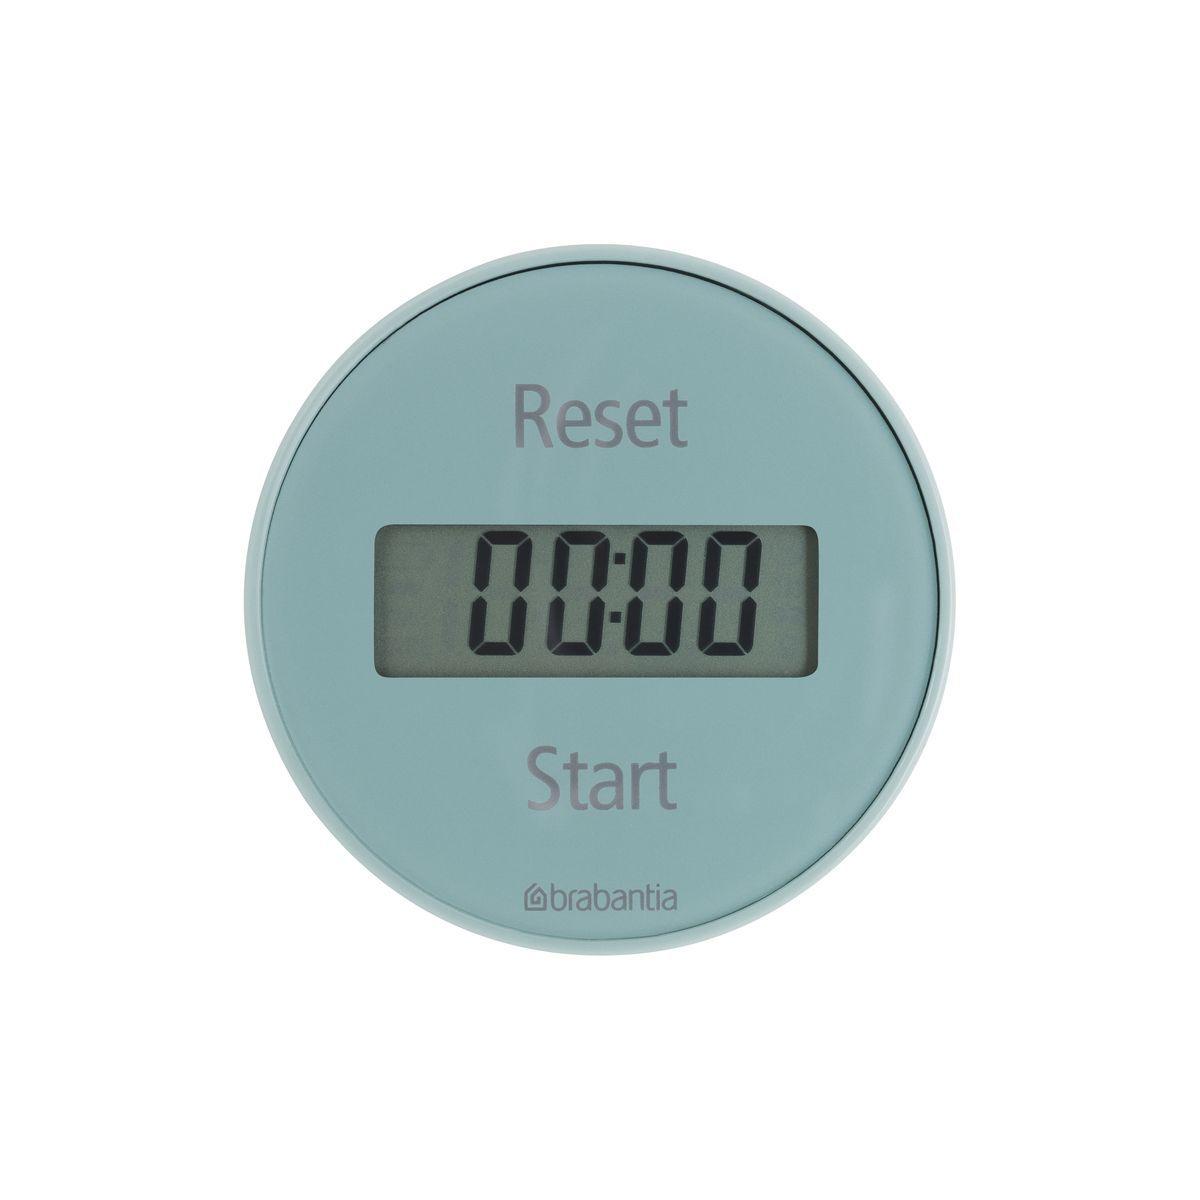 Таймер кухонный Brabantia, цвет: голубой, 99 минутFS-91909Кухонный таймер Brabantia - незаменимый аксессуар для приготовления блюд. Корпус выполнен из высокопрочного пластика ярких цветов. Таймер имеет прямой и обратный отсчет в диапазоне до 99 минут. Установить время очень легко: просто поверните внешнее кольцо прибора и установите время, необходимое для приготовления вашего любимого блюда. Звуковой сигнал известит вас о готовности. Стильный дизайн и качество исполнения сделают таймер Brabantia ярким акцентом в интерьере вашей кухни. Таймер удобно и легко крепится при помощи магнита. Работает от одной батарейки типа CR2032 (входит в комплект). Диаметр корпуса: 7,5 см. Толщина корпуса: 2,2 см.